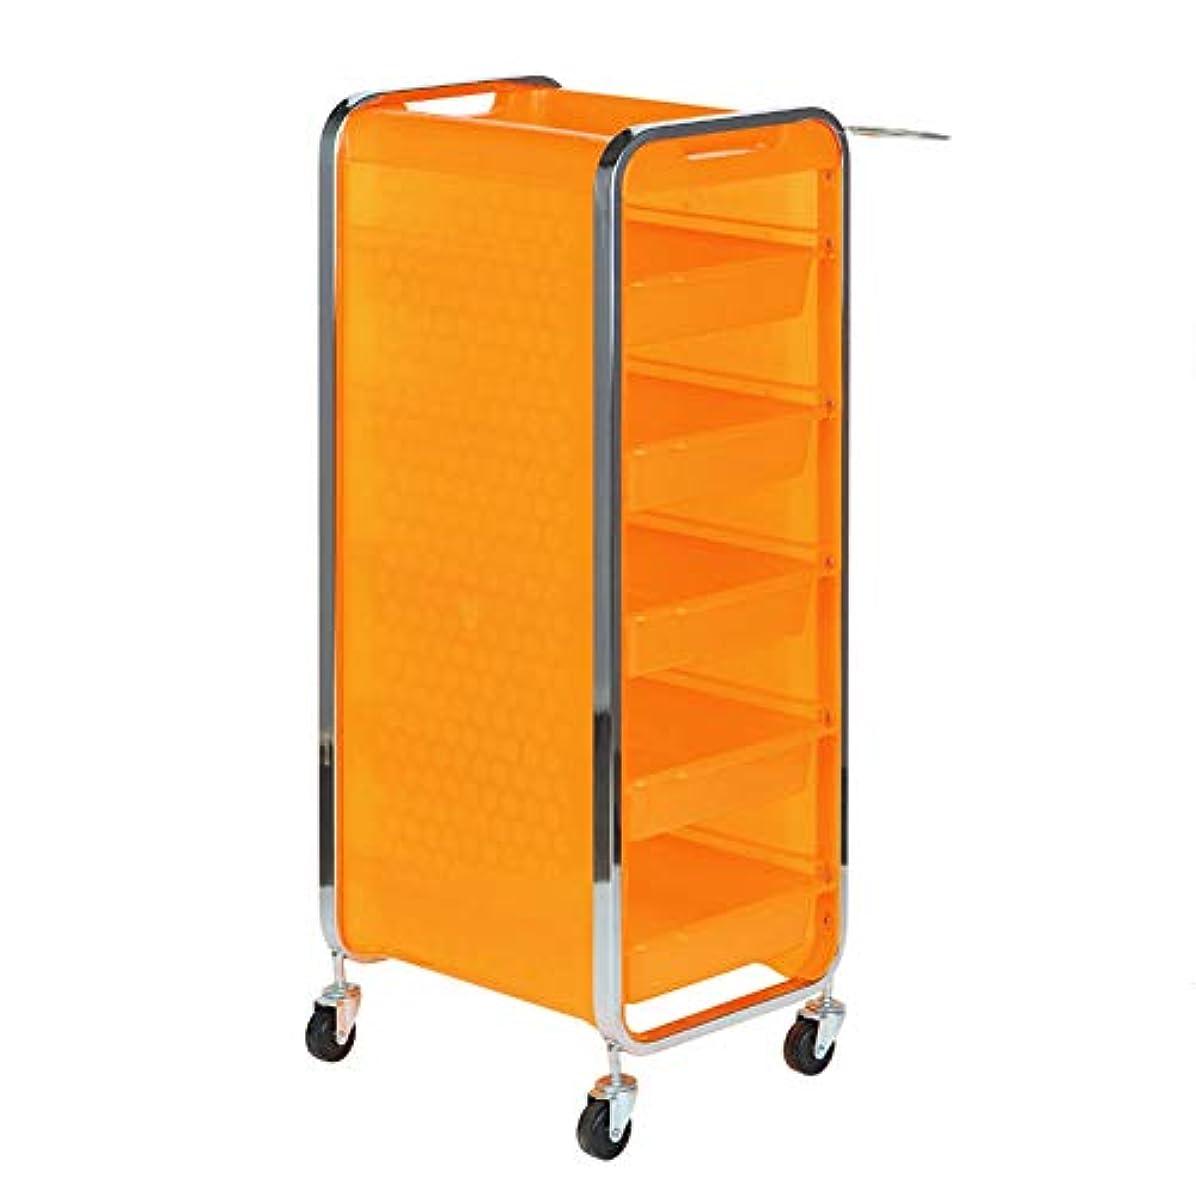 基礎理論リフトリボンサロン美容院トロリー美容美容収納カート6層トレイ多機能引き出し虹色,Orange,A